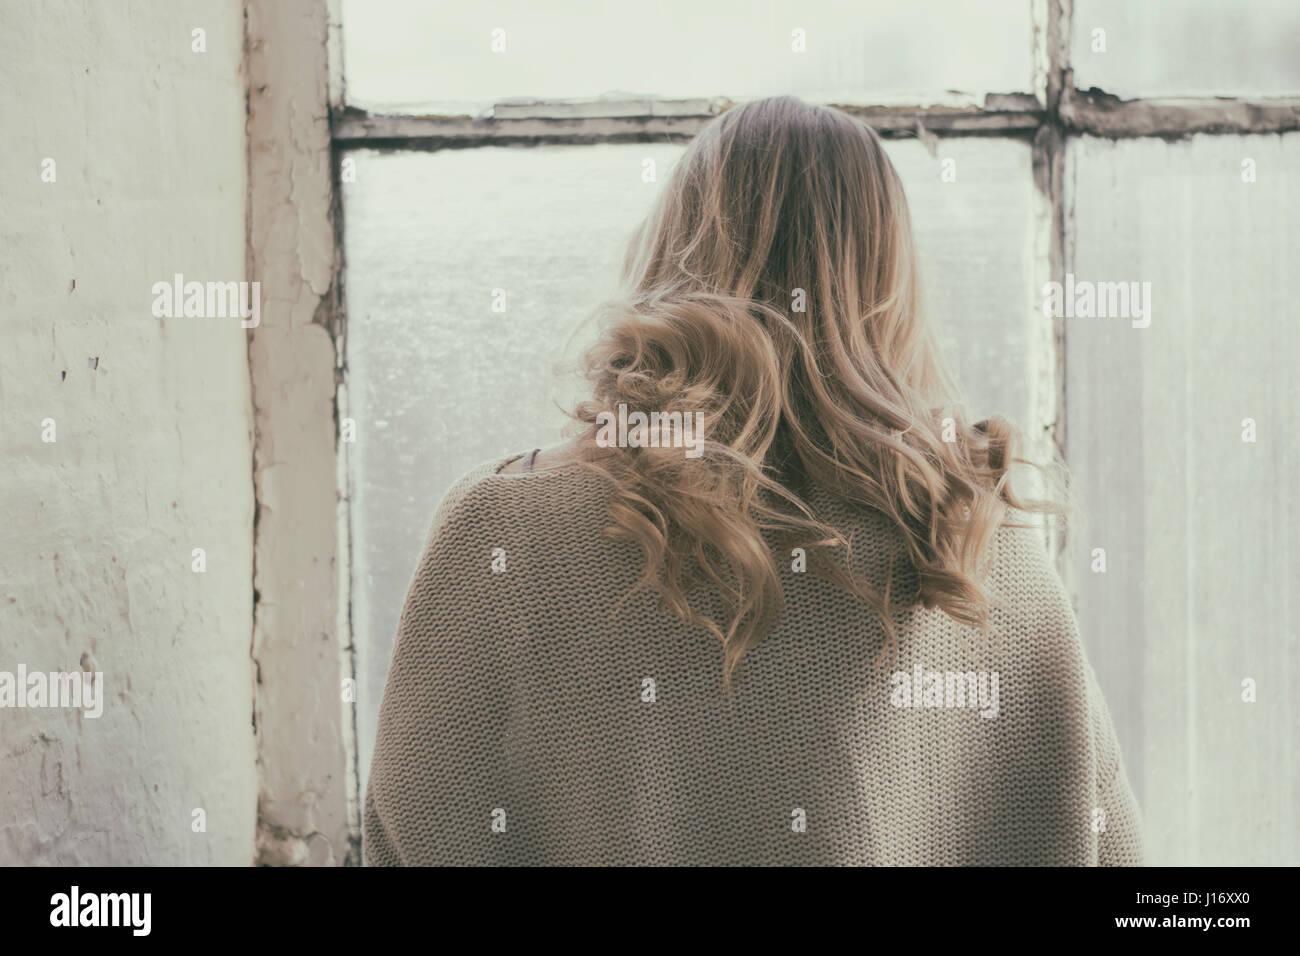 Vue arrière d'une femme blonde debout près de la fenêtre Photo Stock